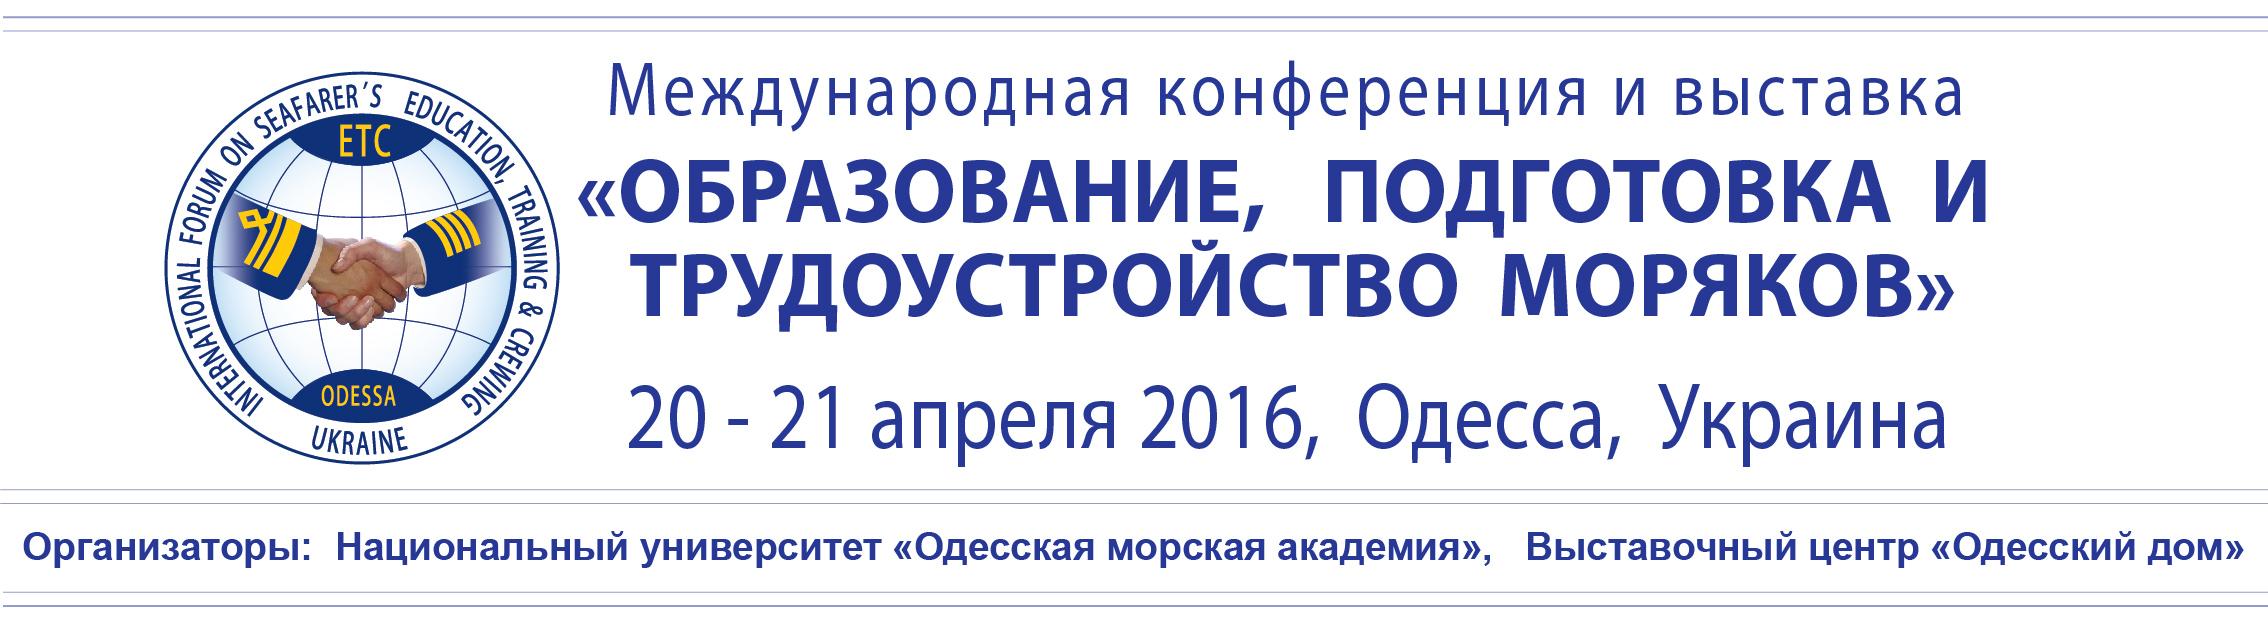 obrazovaniye_podgotovka_trudoustroistvo_moryakov